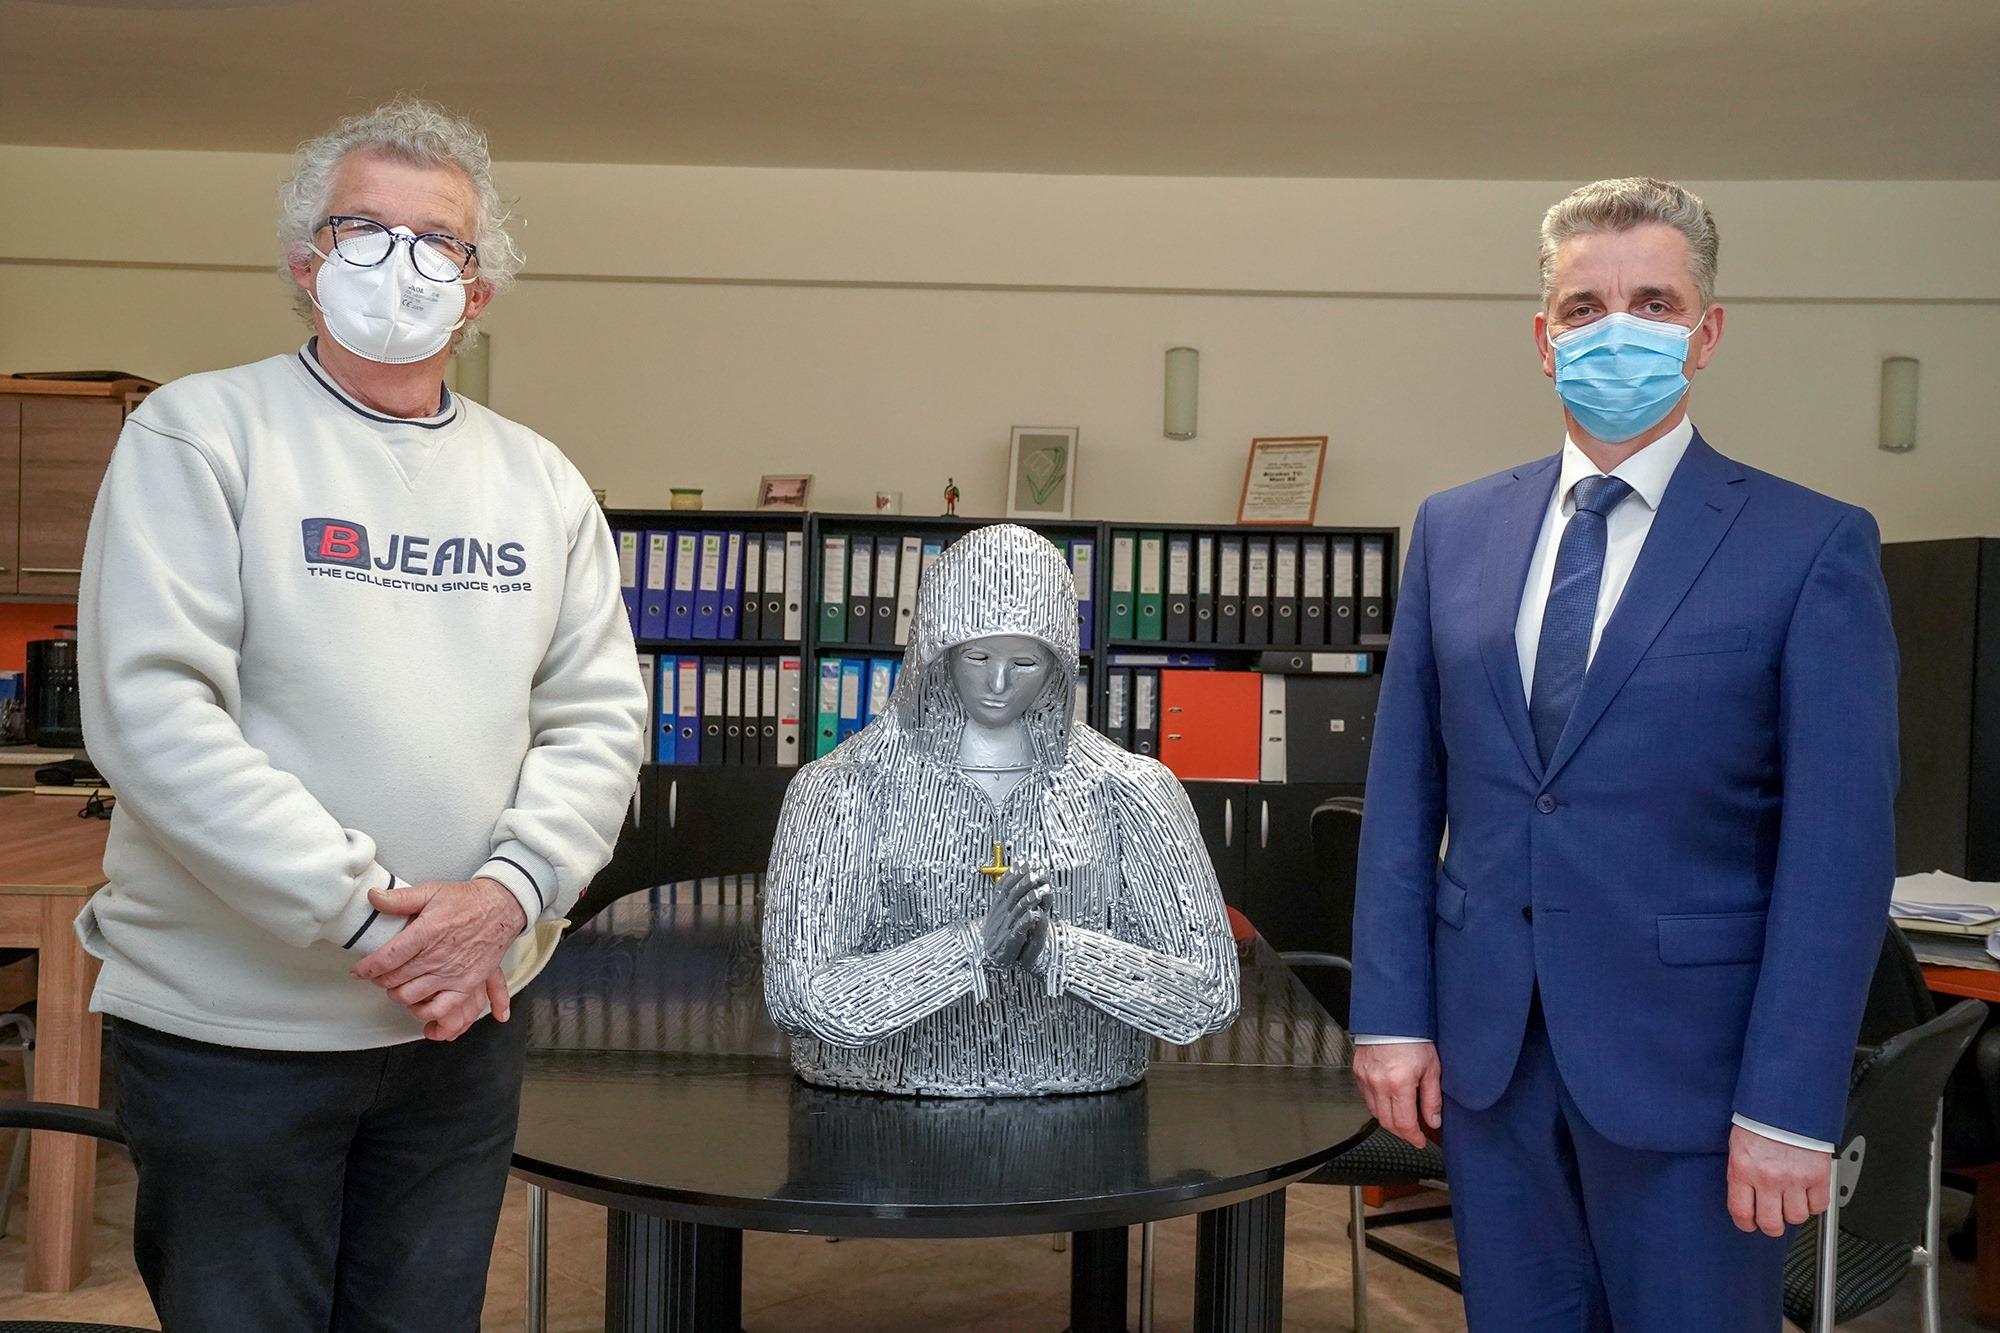 Különleges szoborral lepték meg Tessely Zoltán fideszes képviselőt